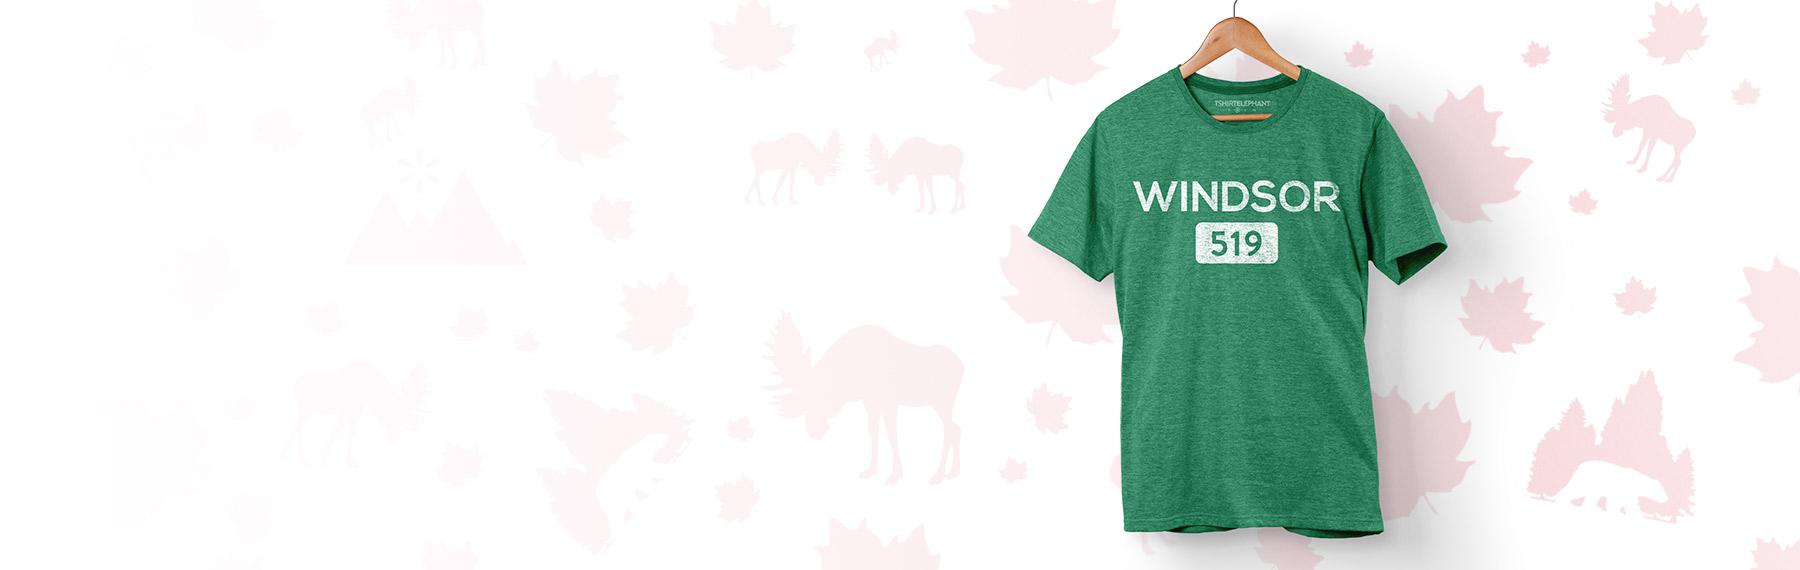 Design t shirt jerseys online - Design Custom T Shirts Online